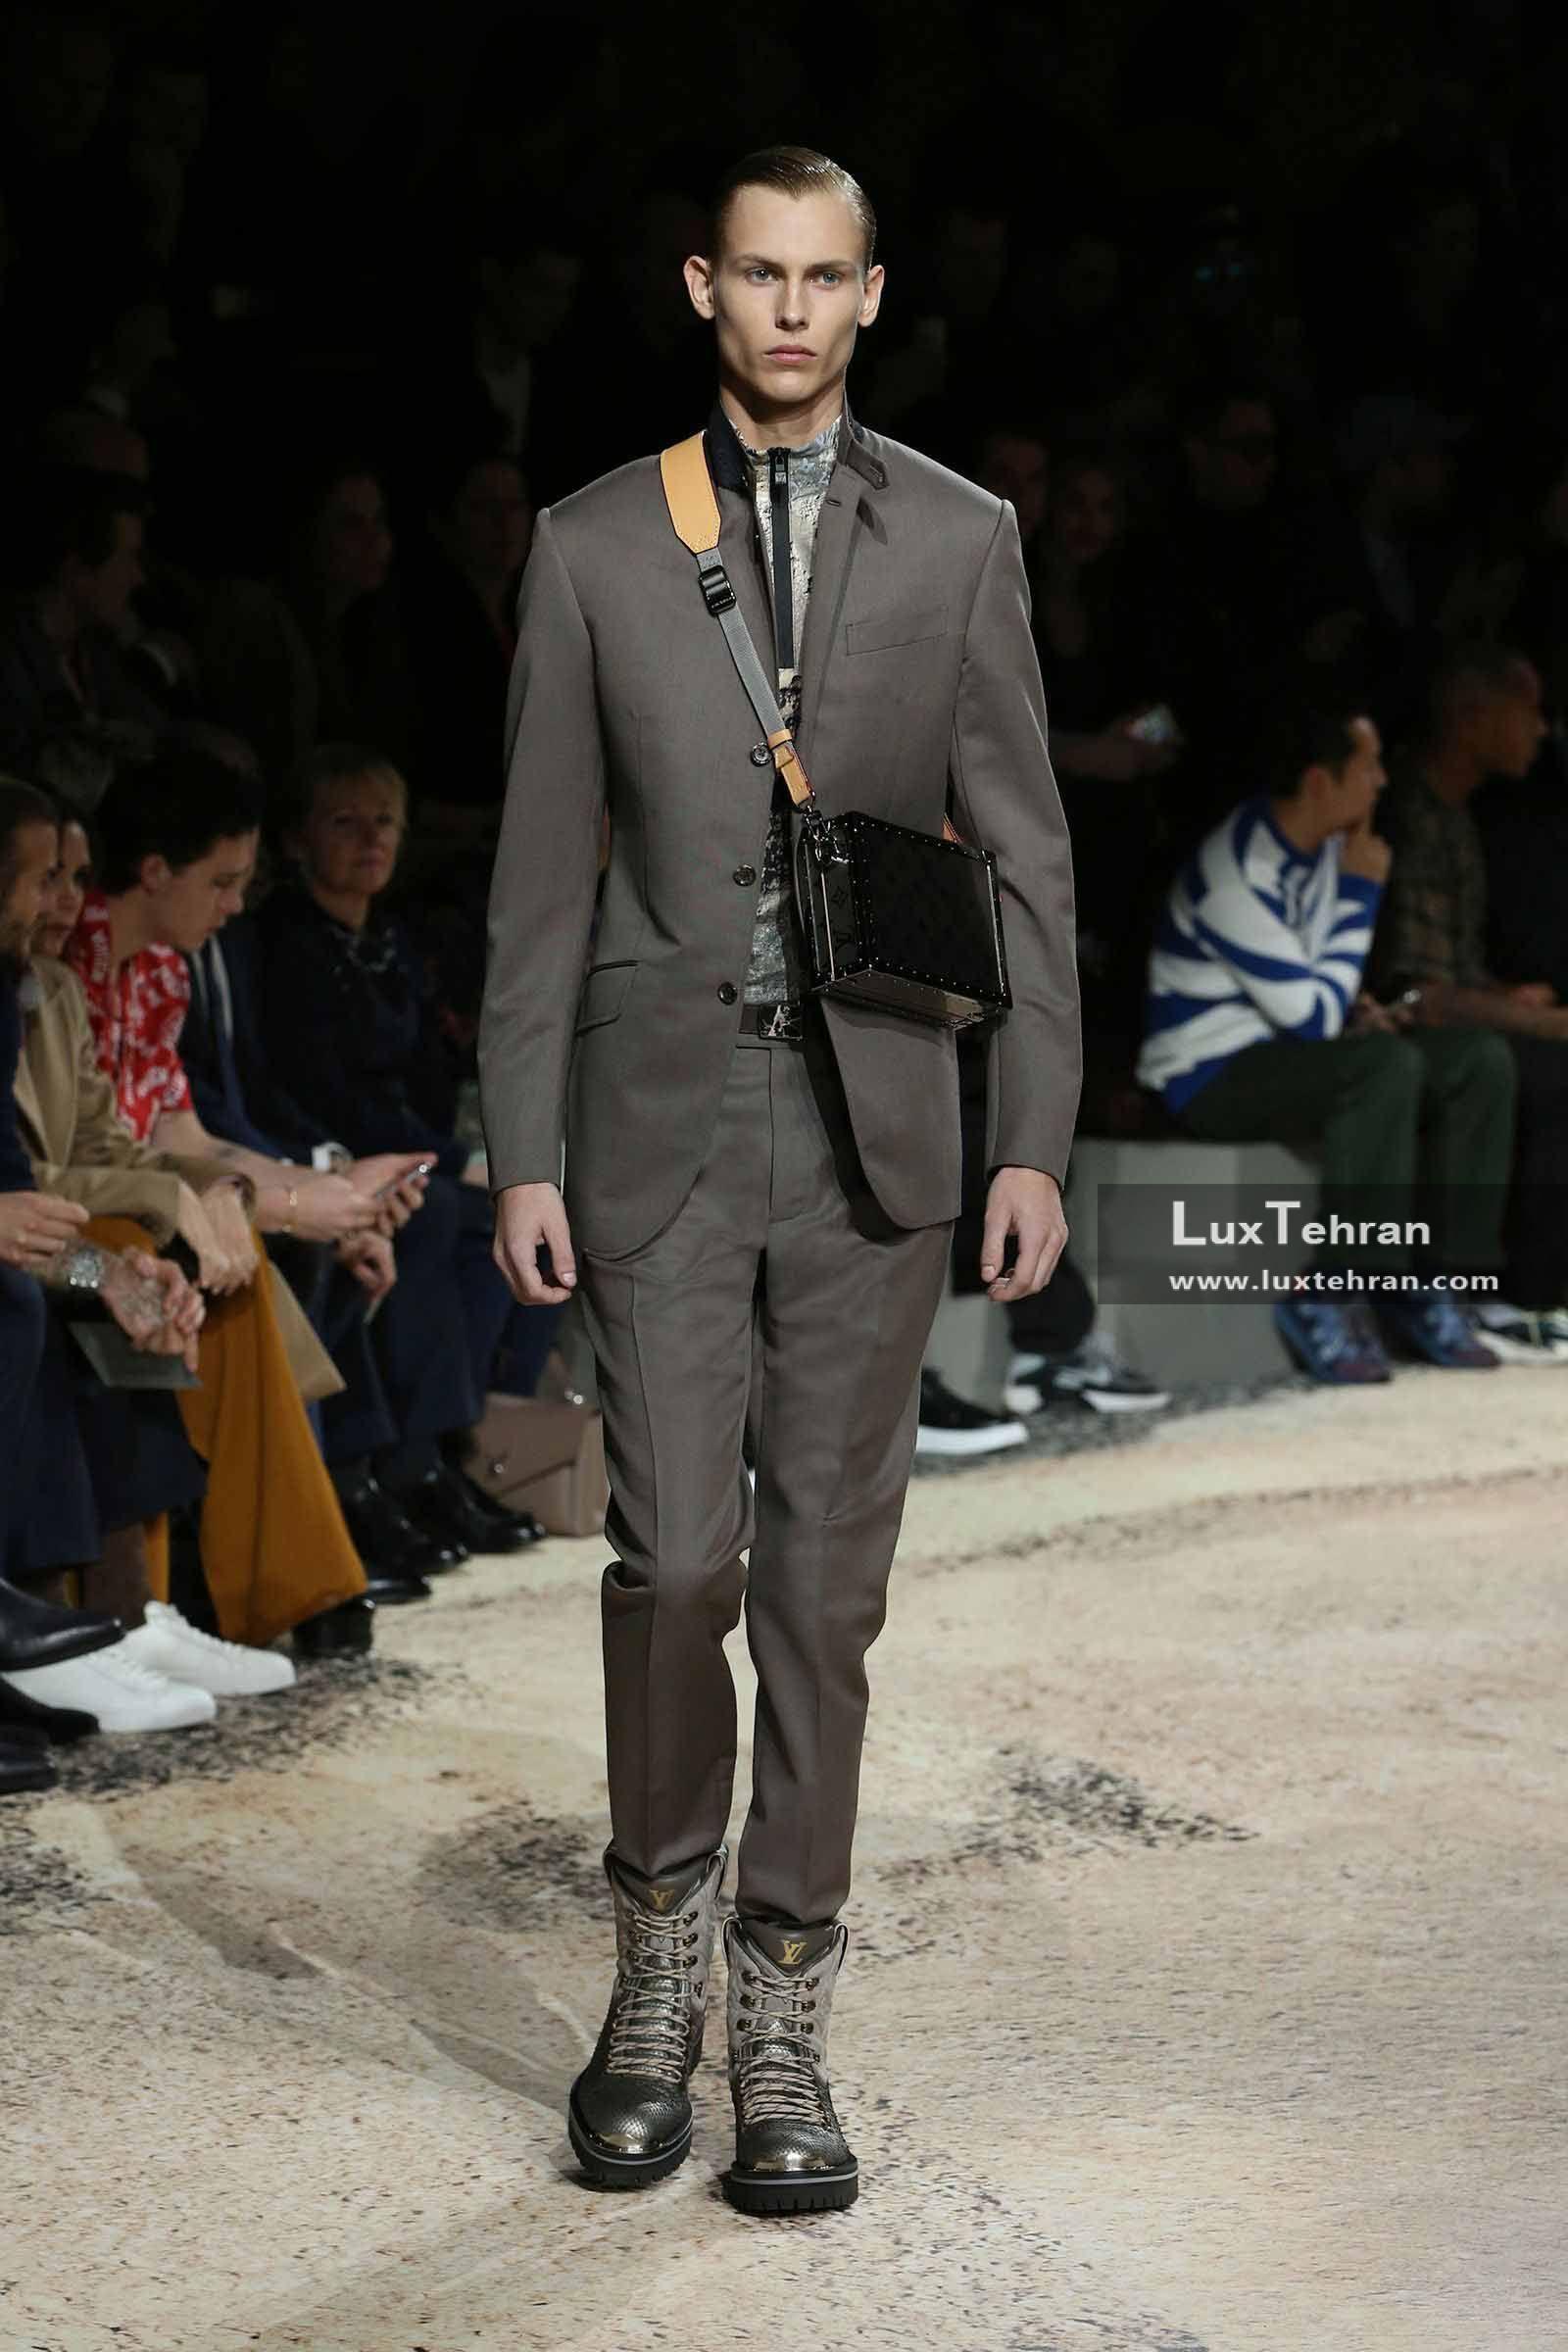 کیف چرمی مشکی لویی ویتون را که بند خوش رنگ و اسپرت